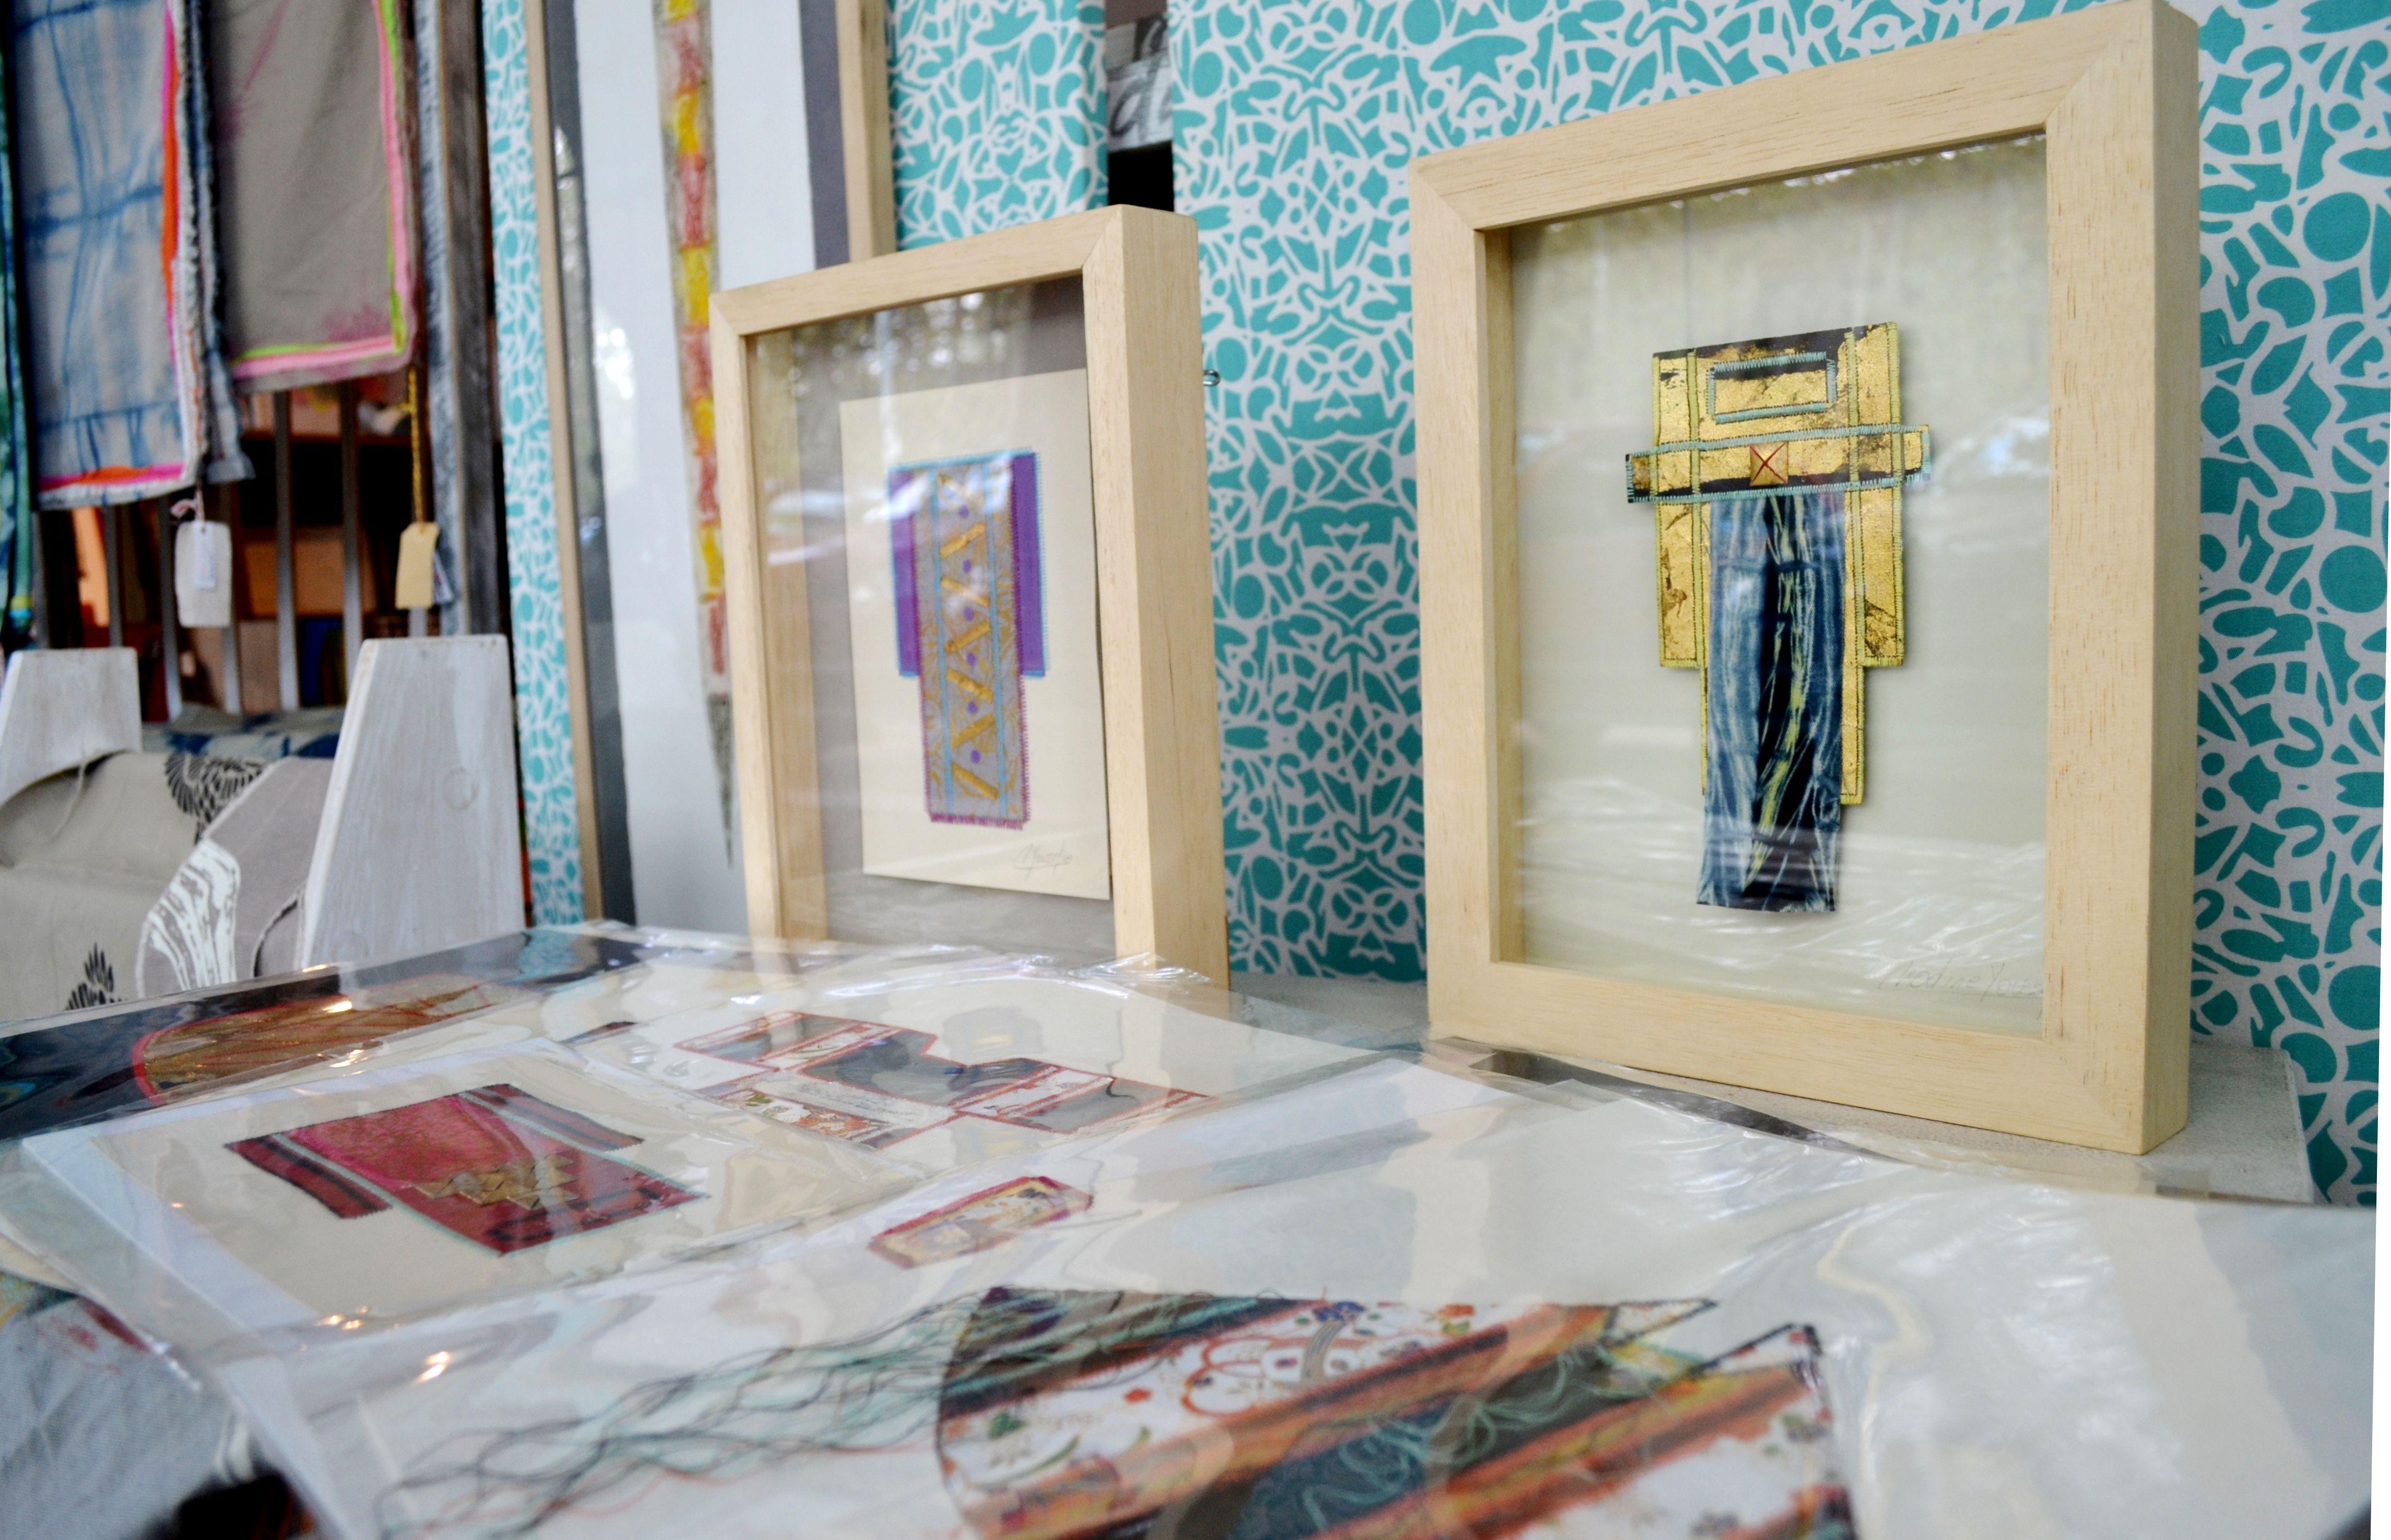 Tunicas marco cajita madera natural #Arte #Tunicas #Marcos ...